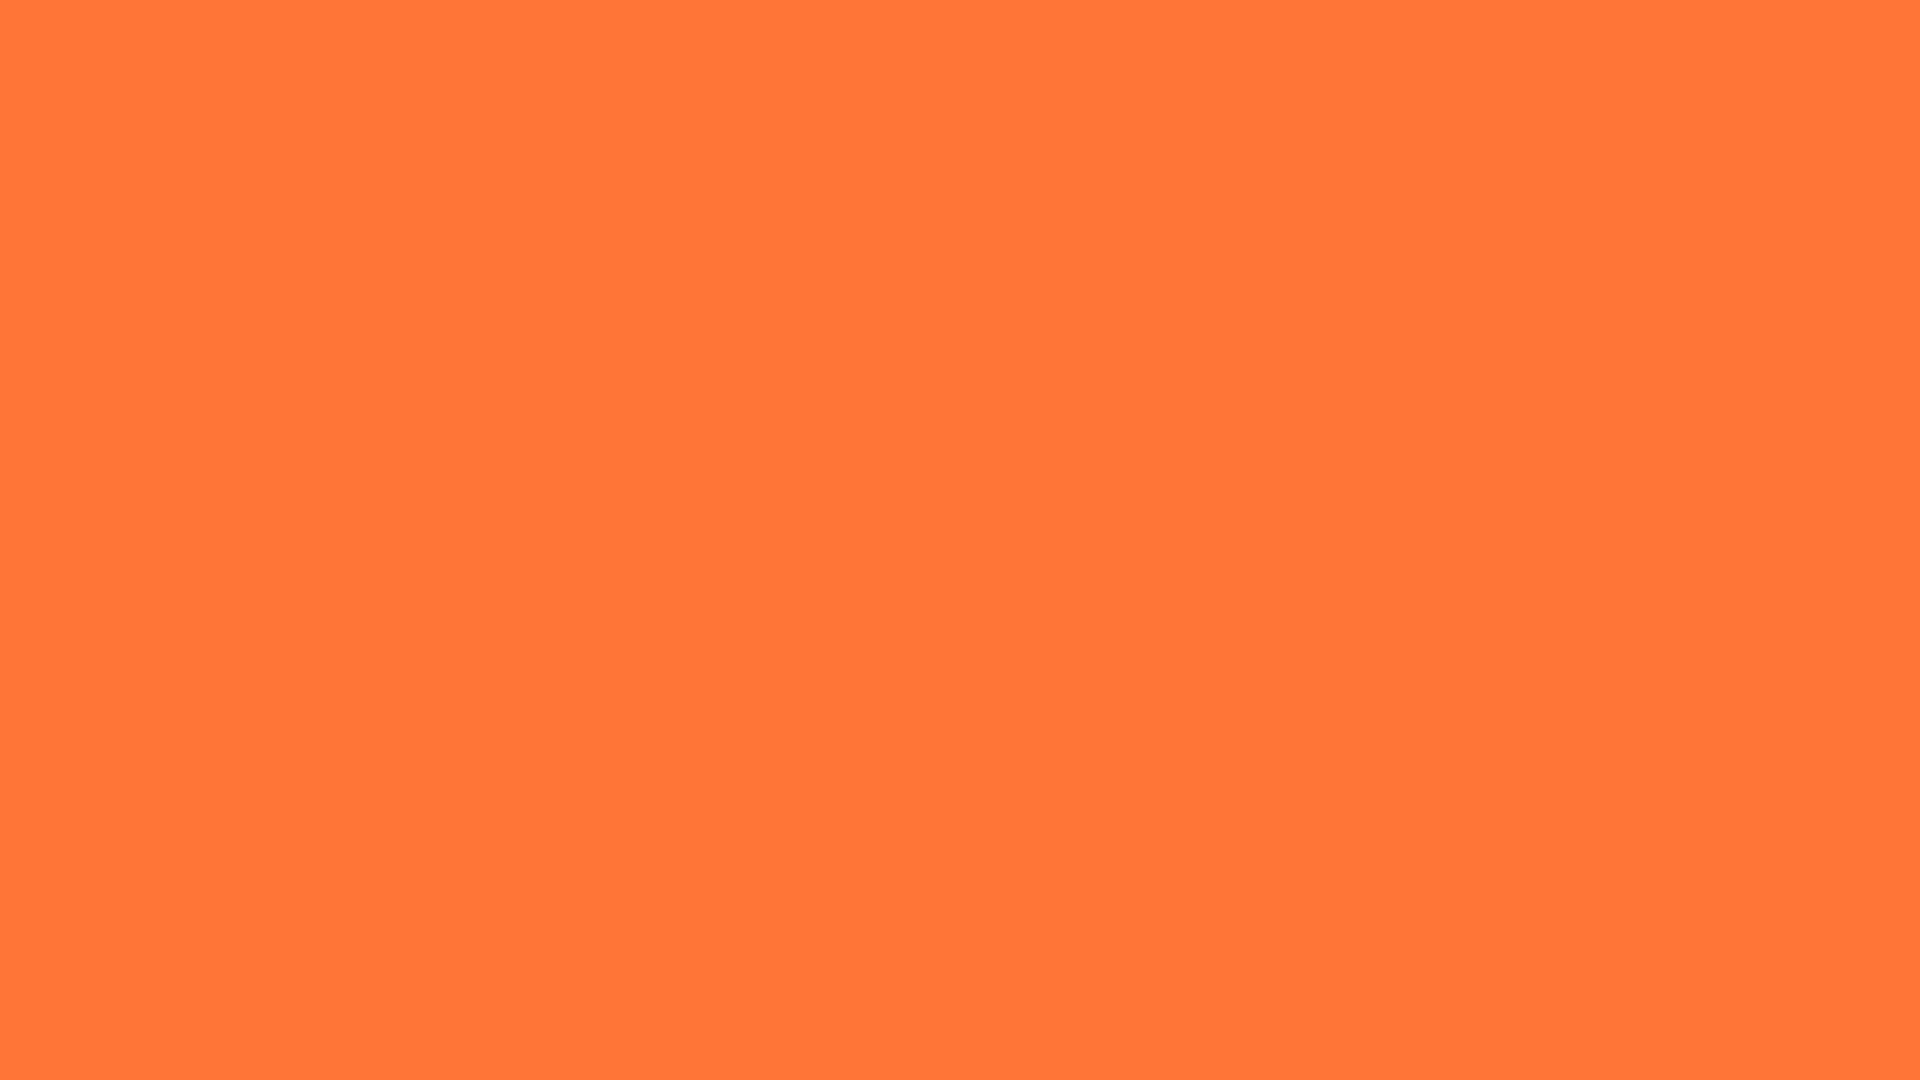 1920x1080 Orange Crayola Solid Color Background